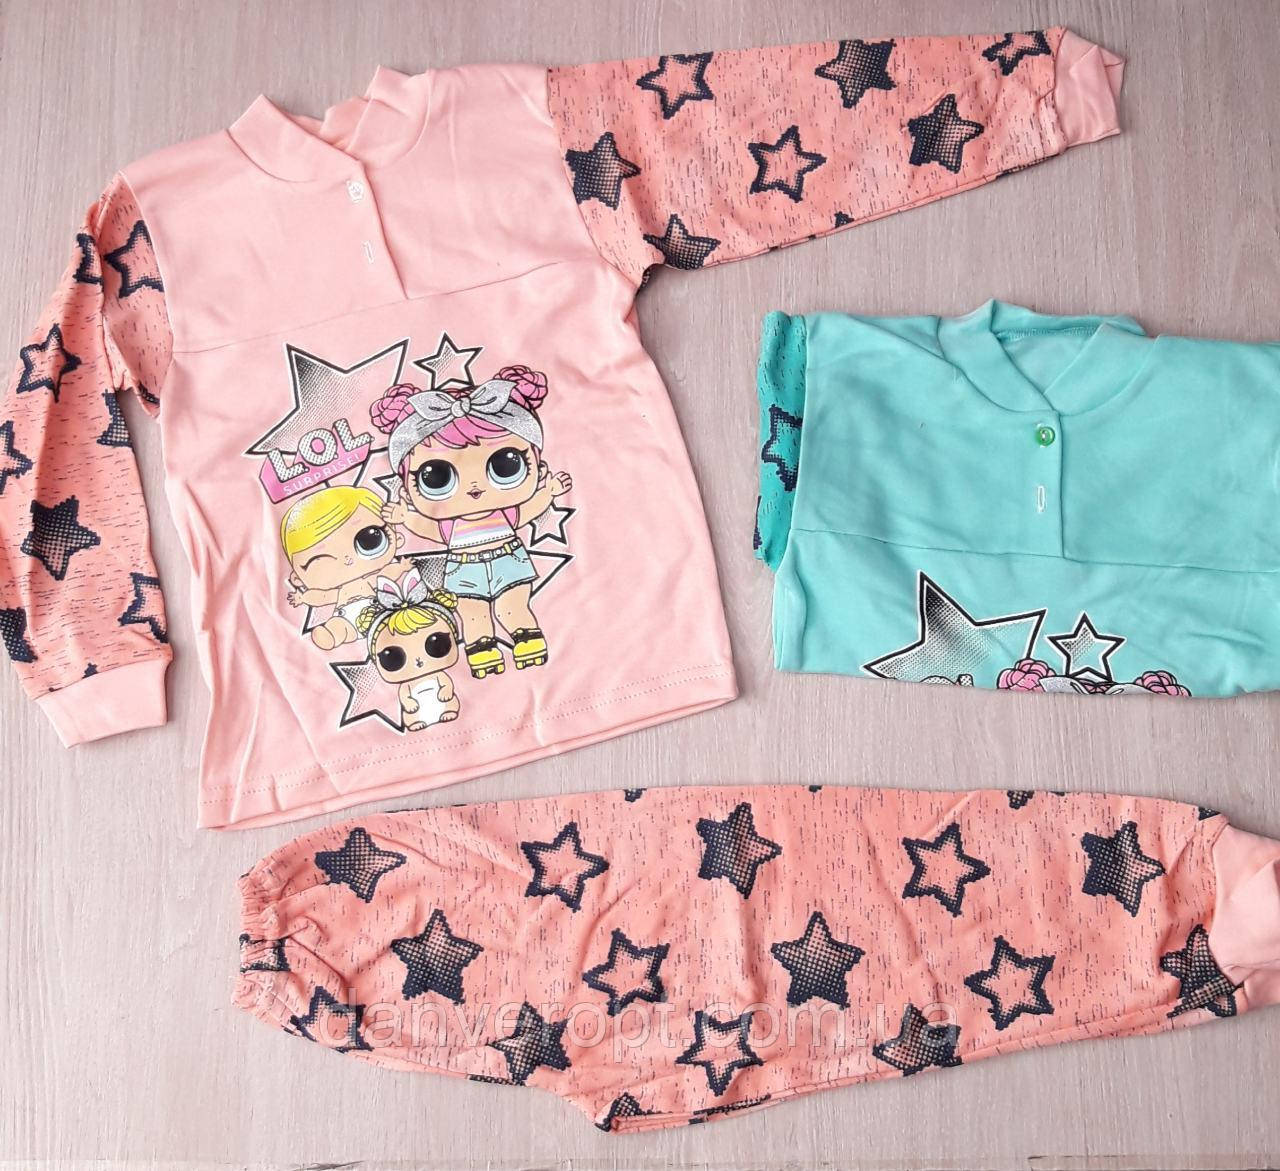 Пижама детская с ярким принтом на девочку 4-6 лет купить оптом со склада 7км Одесса